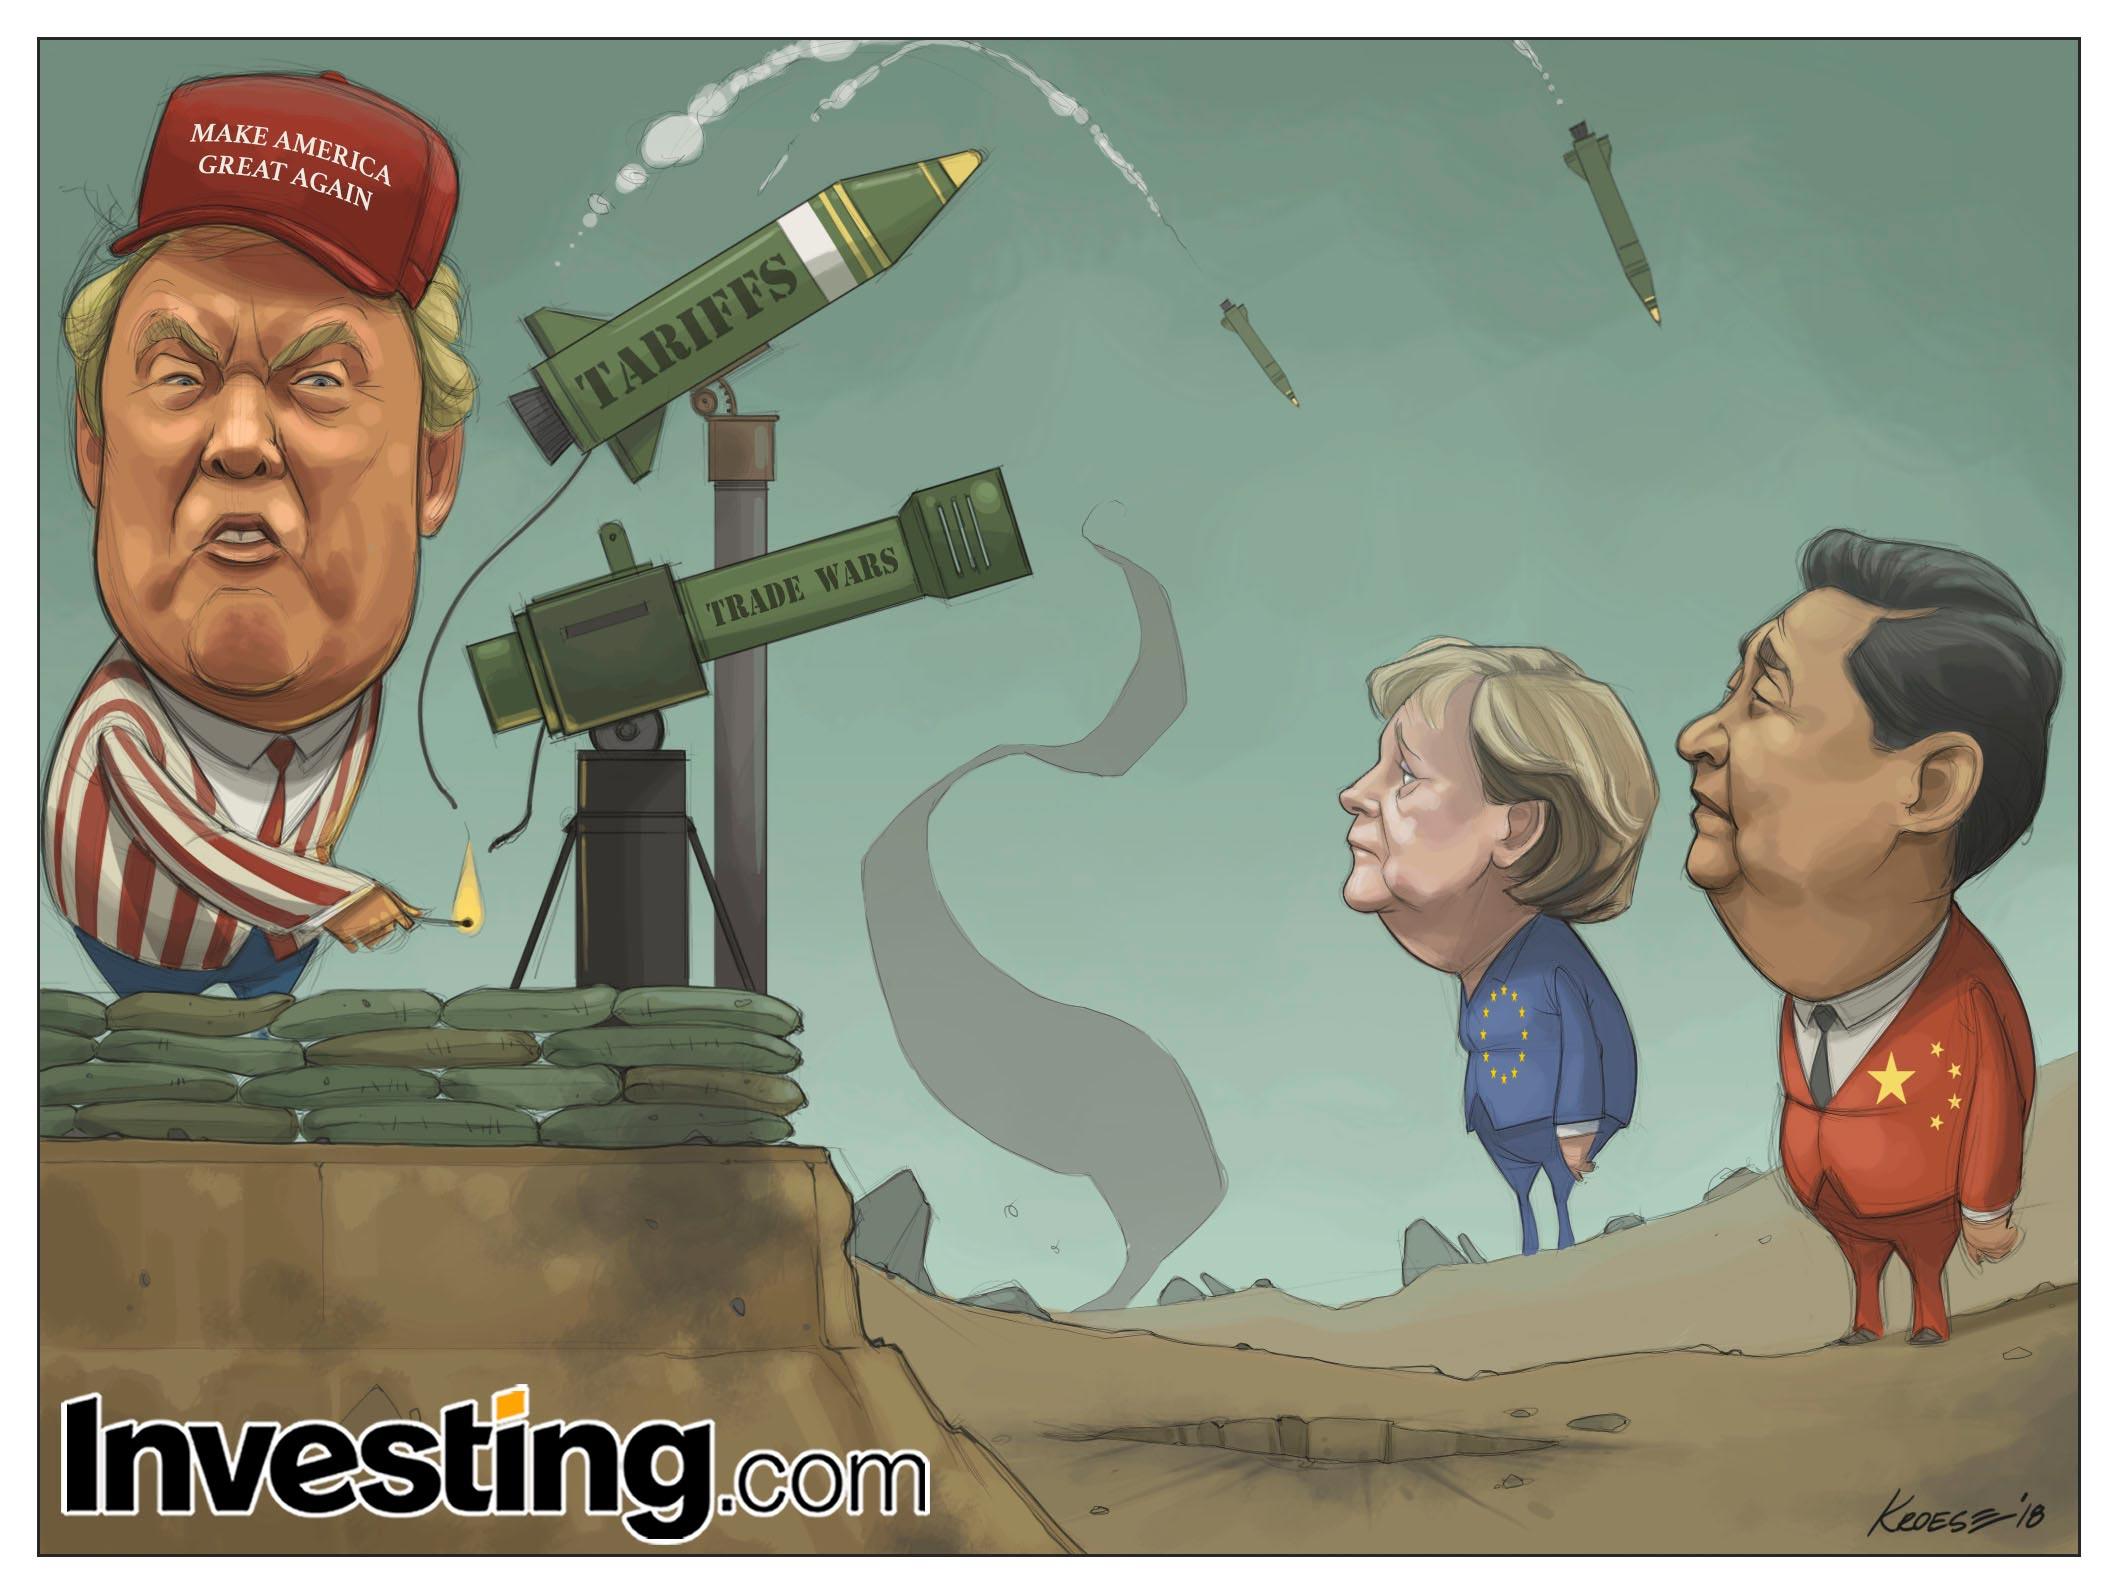 特朗普关税激发全球贸易战恐慌。